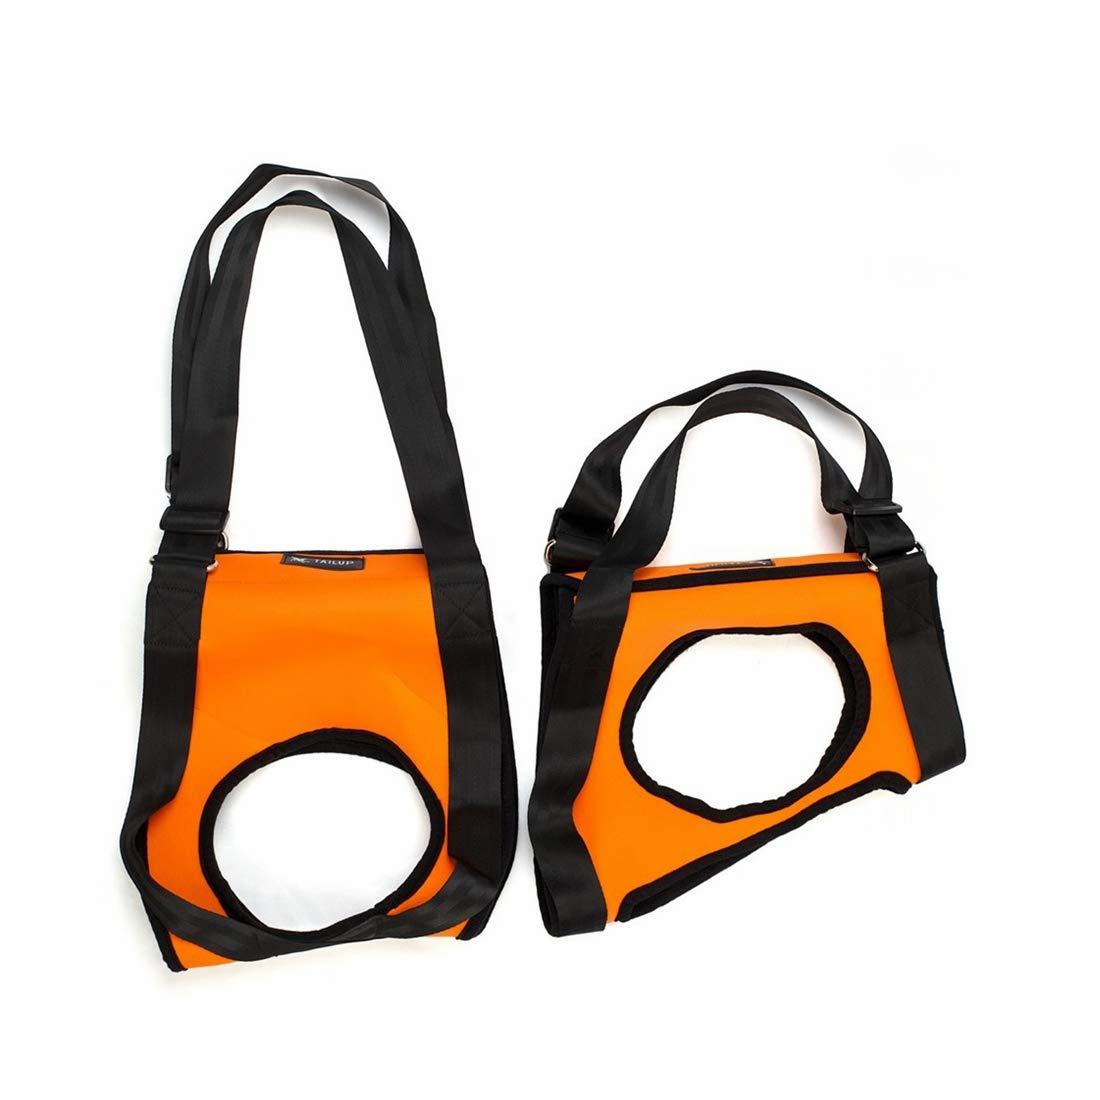 Hikaru Akai 足の弱い高齢の犬 ドッグリフト ハーネス ポータブル サポート リハビリテーション モビリティーのお手伝い ハーネス リード 首輪 犬 (Color : オレンジ, サイズ : S) B07Q56CYBX